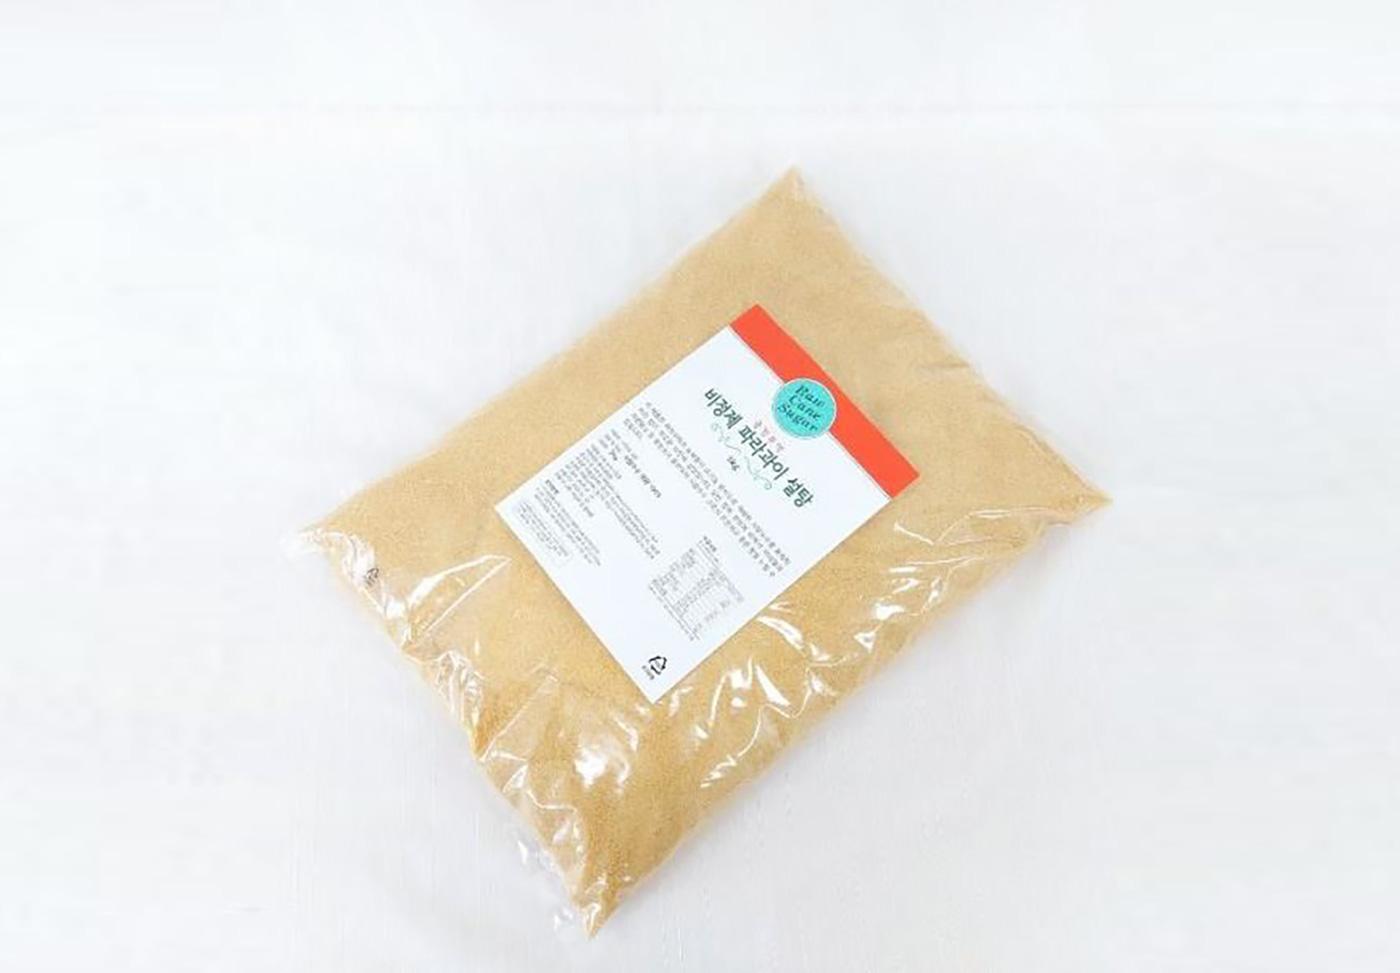 비정제 사탕수수 파라과이 설탕 유기농 원당(500g/1kg/5kg)/공정무역 유기농 비정제 설탕/사탕수수100% 화학처리NO/친환경 재배 상세이미지1